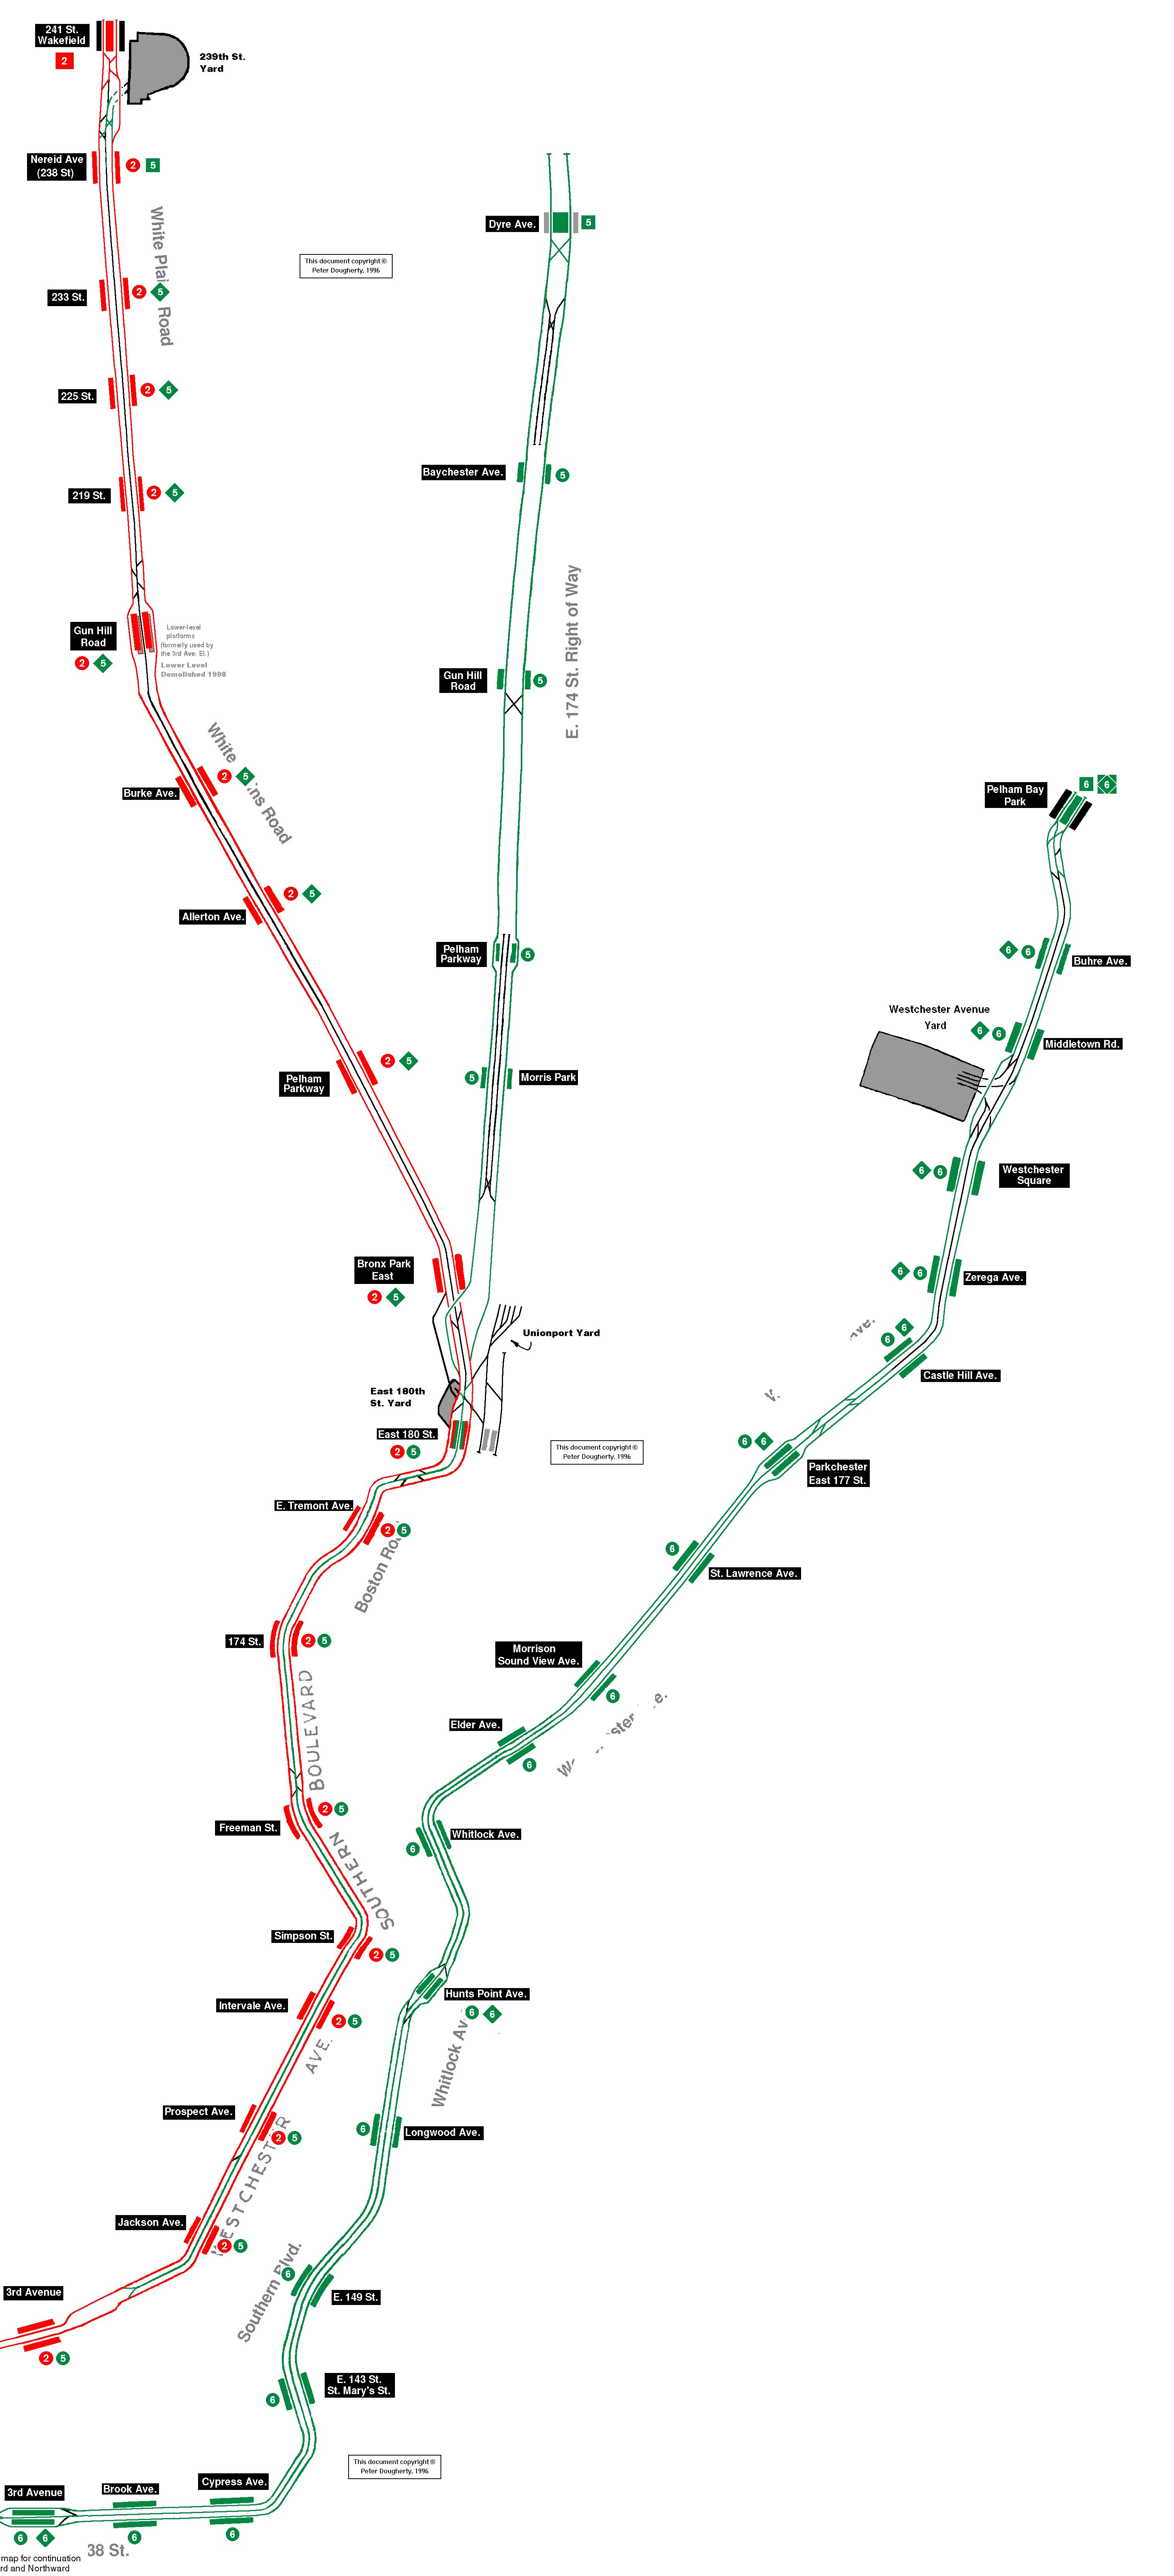 Parkchester IRT Pelham Line